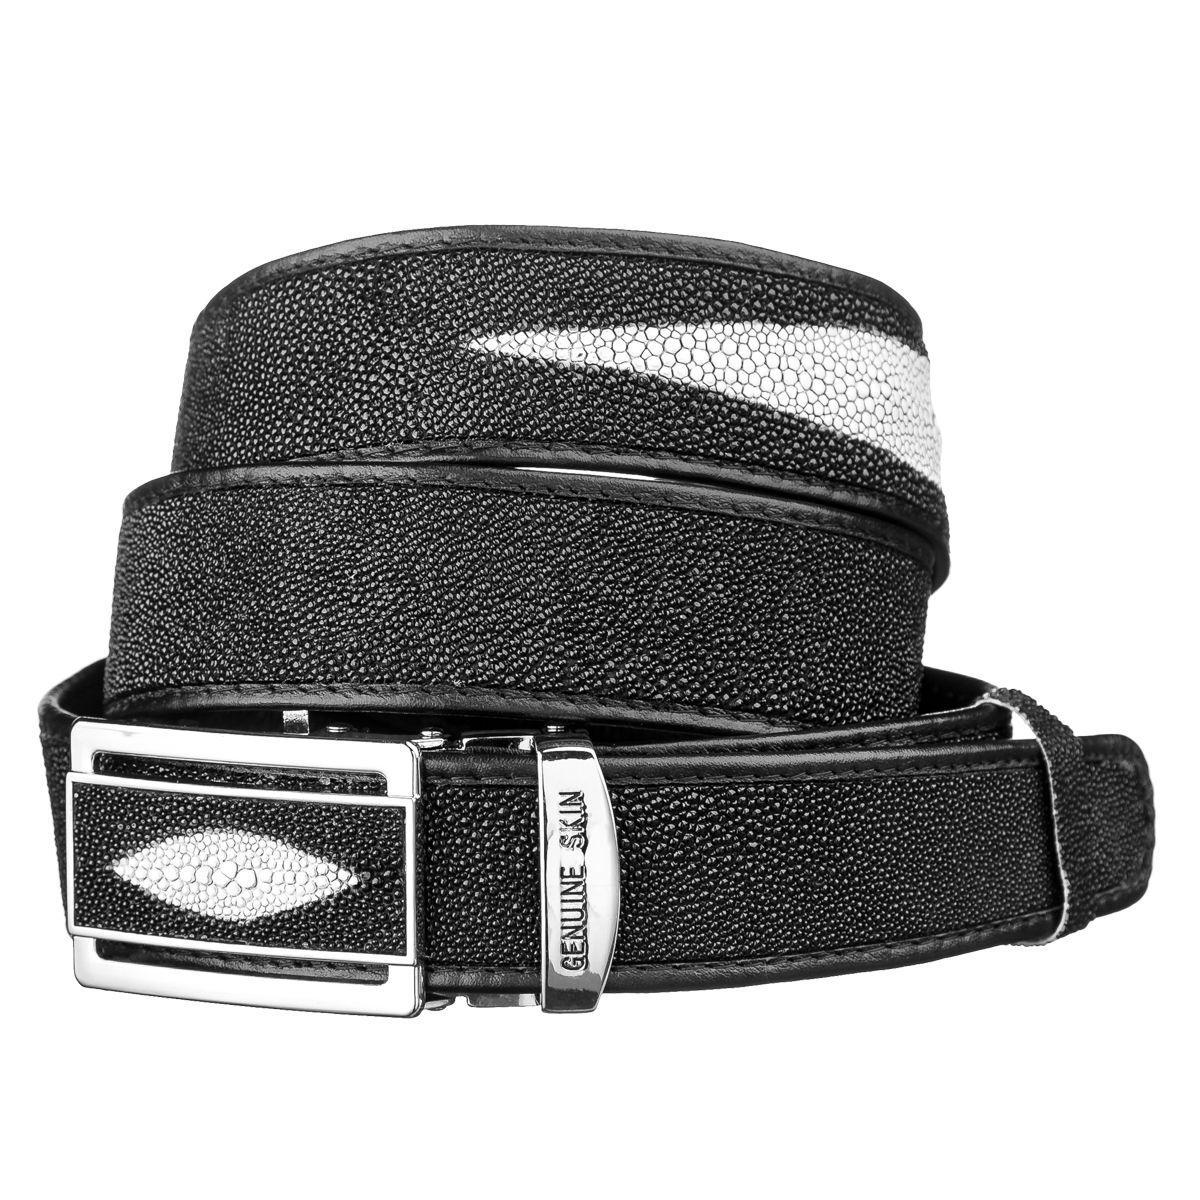 Ремень-автомат Ekzotic Leather  из натуральной кожи морского ската Черный (stb 14)